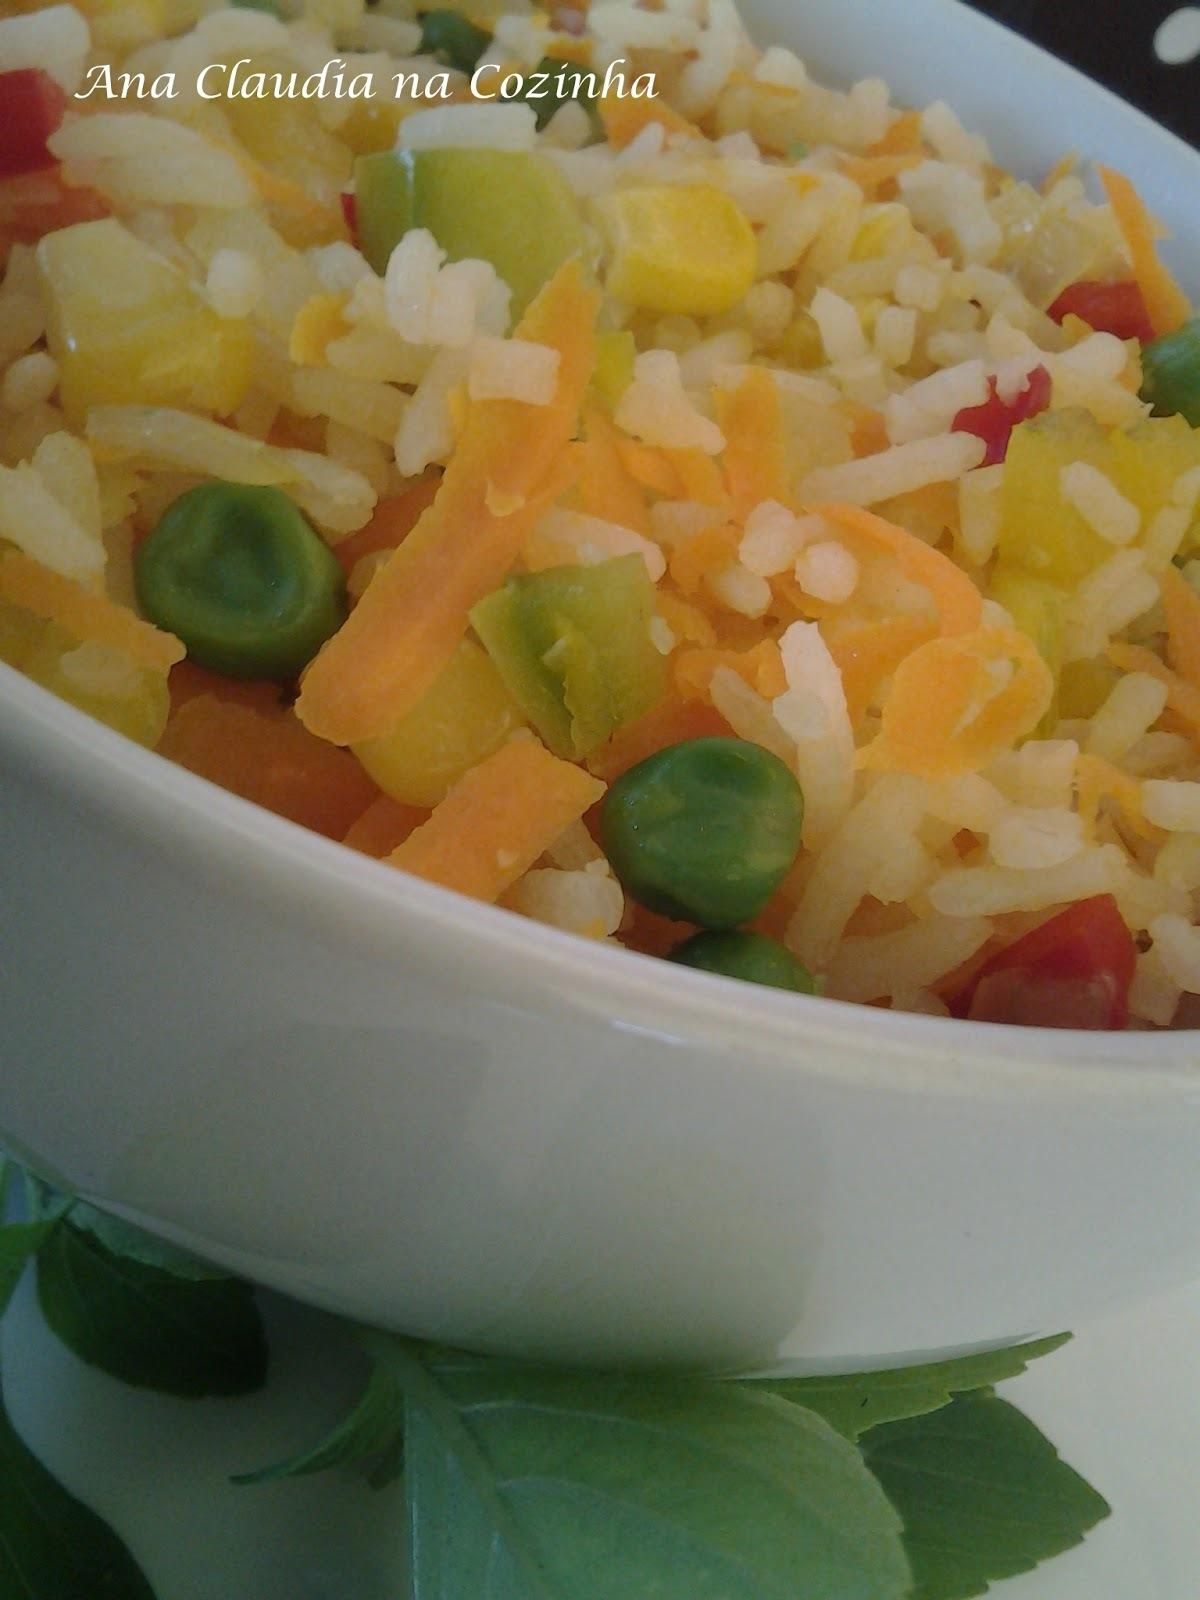 Arroz com Legumes, Divulgação do Legume BC Comer Bem Para Viver Melhor